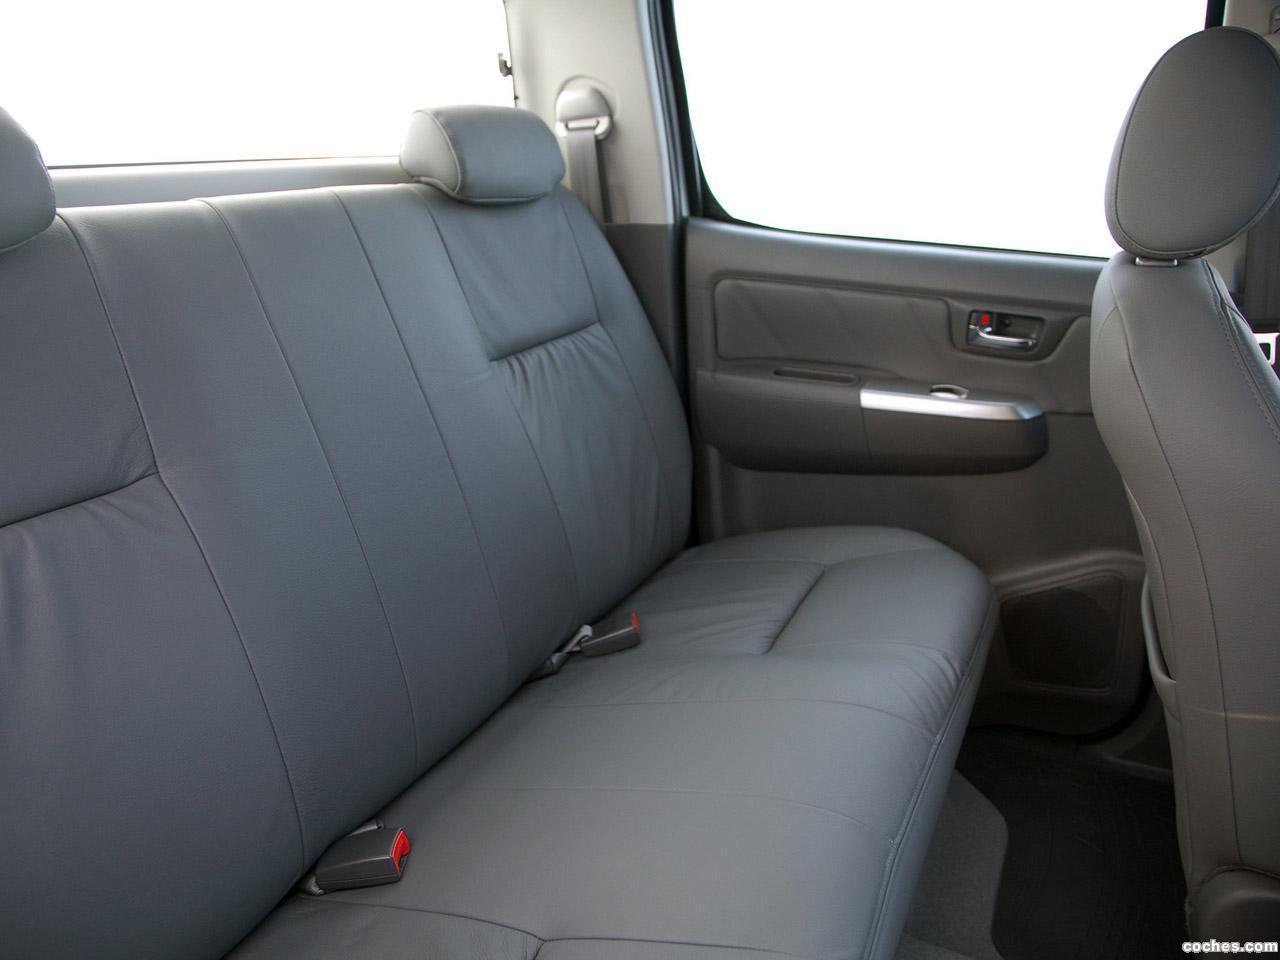 Foto 8 de Toyota Hilux SRV Double Cab 4x4 2012